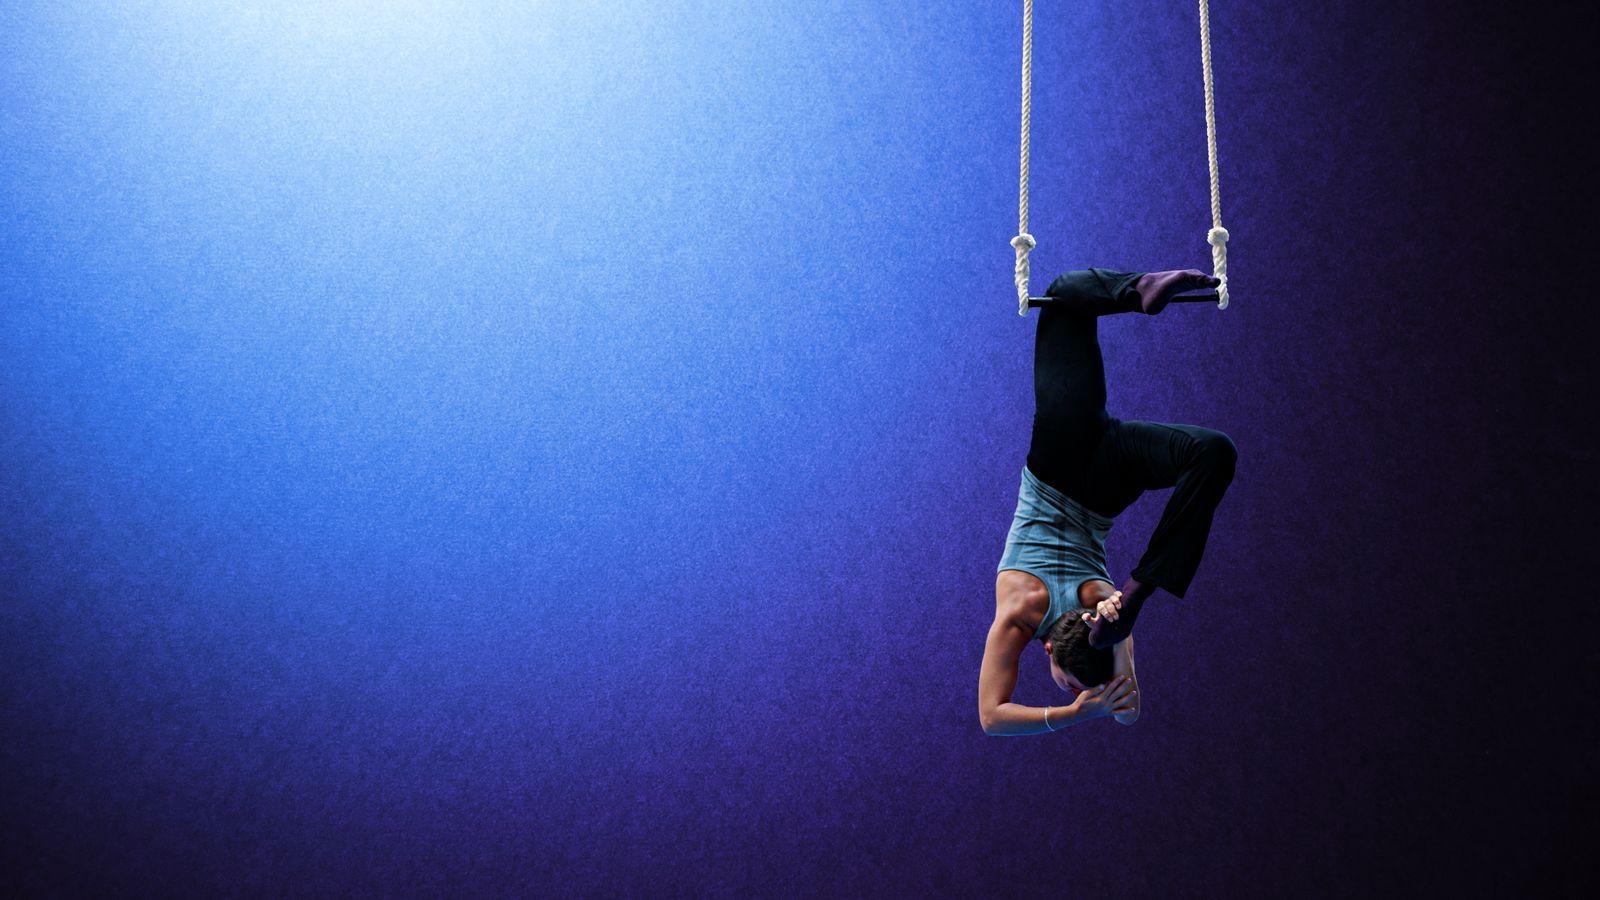 Diane est crochetée par le genou au trapèze d'Overground Circus à Lyon 5e. Elle vient, en souplesse arrière, toucher sa tête avec son pied.